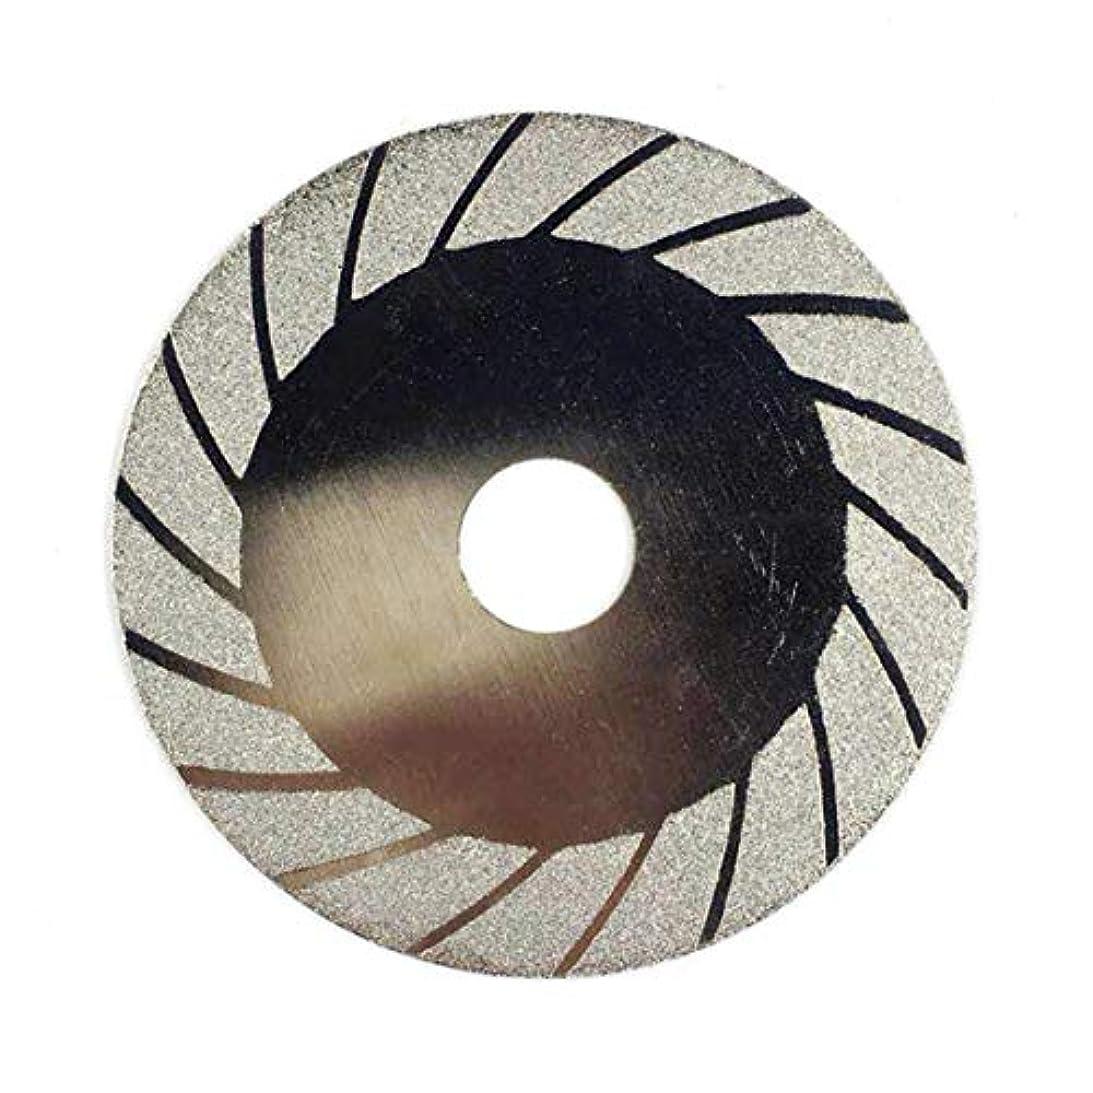 先駆者モンスター幸運なことにダイヤモンド研削ホイール100MMカットオフディスクホイールガラス切断用のこぎり切断刃回転式研磨工具-シルバーBタイプ